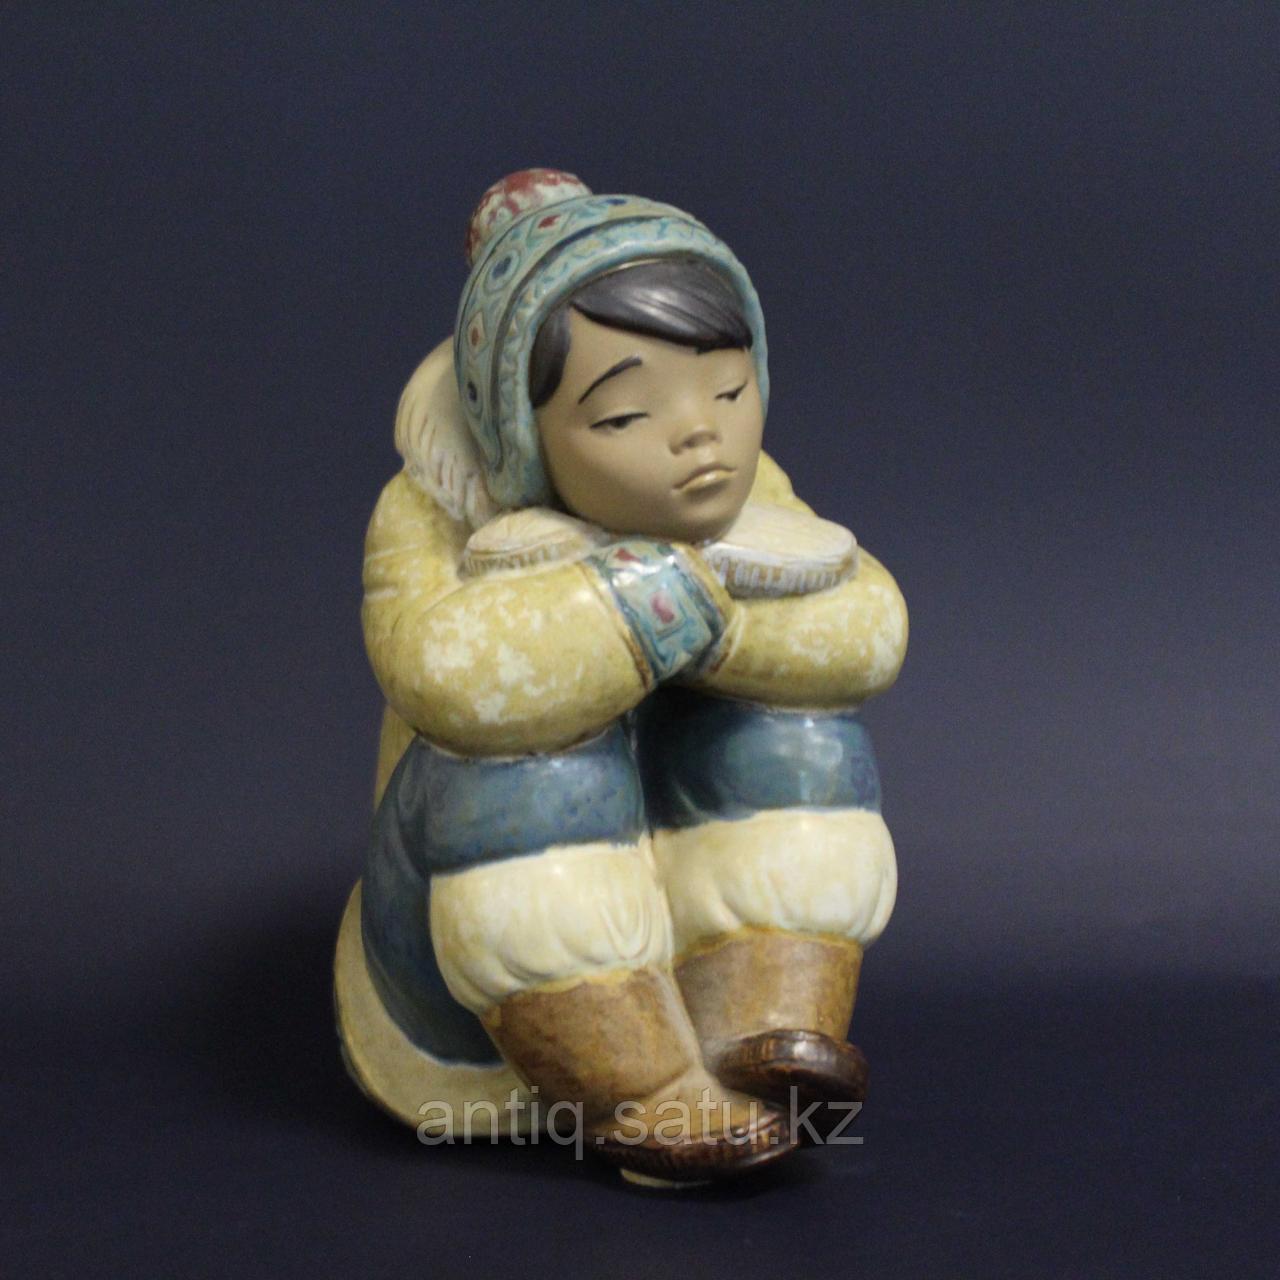 Мальчик-эскимос. Фарфоровая мануфактура Lladro - фото 1